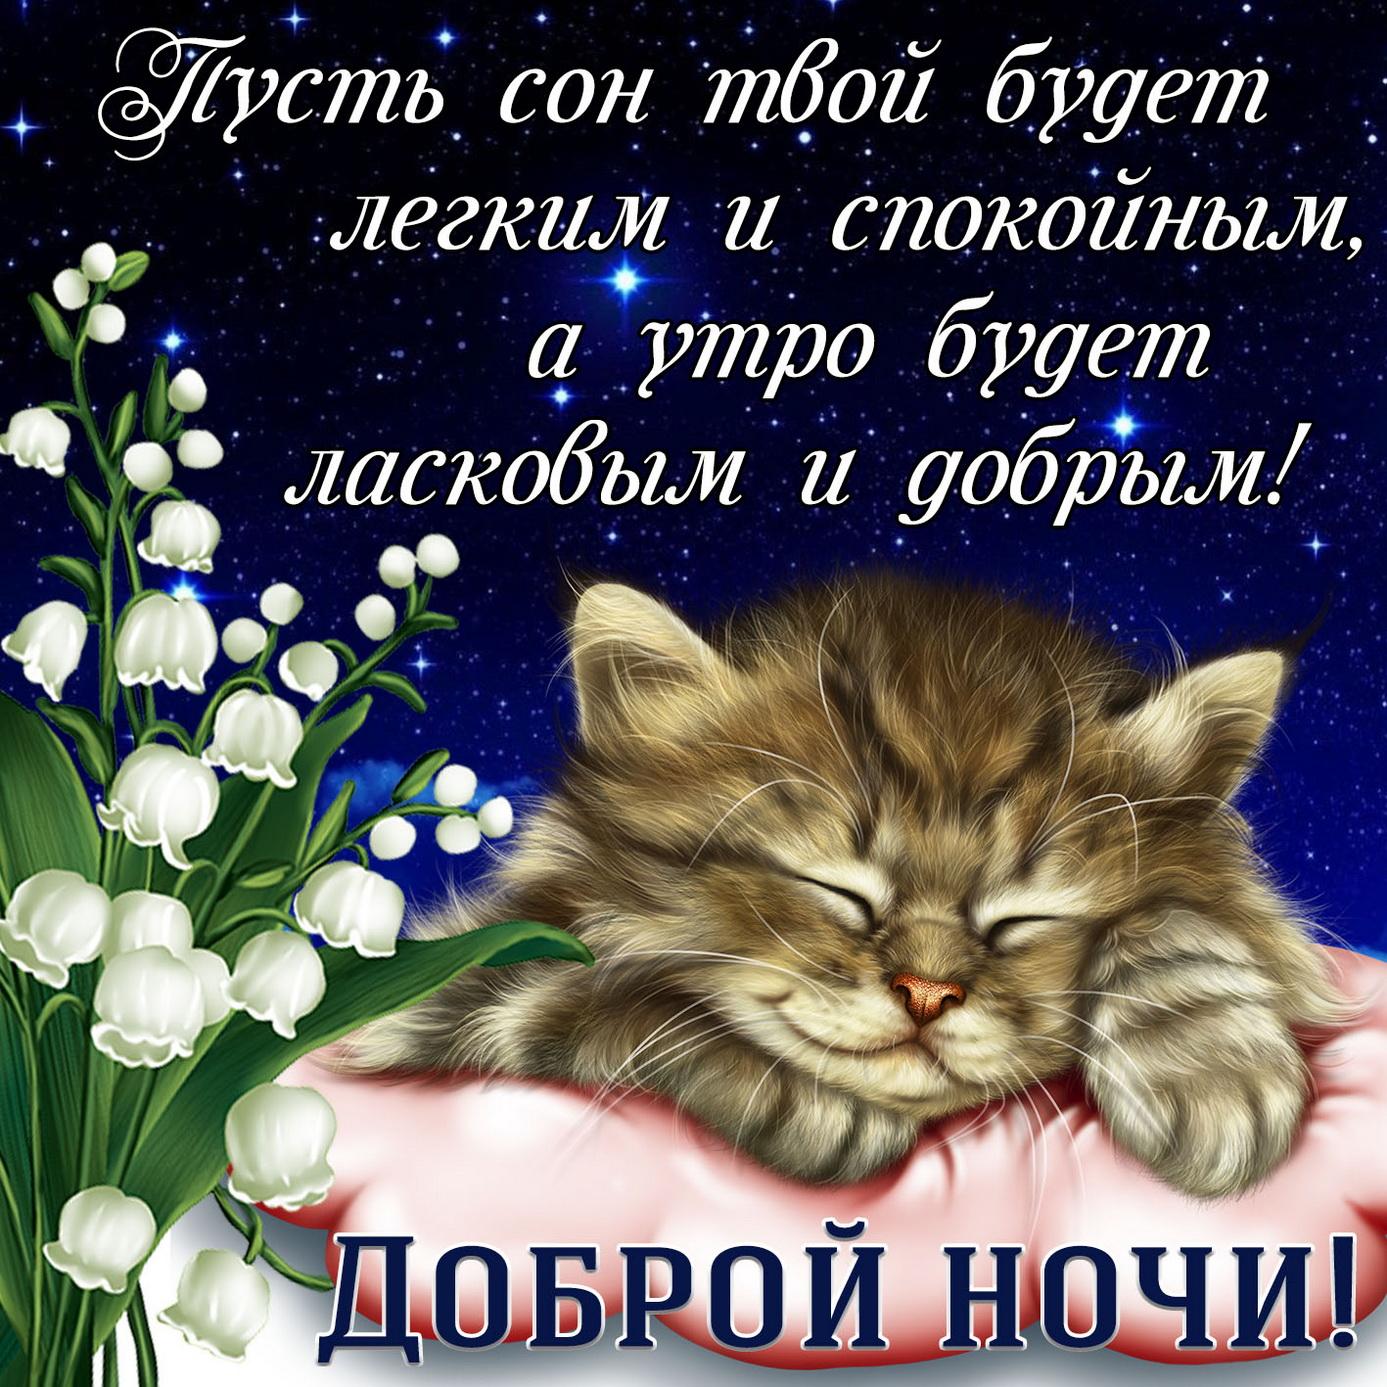 Картинка со спящим котиком и пожеланием доброй ночи